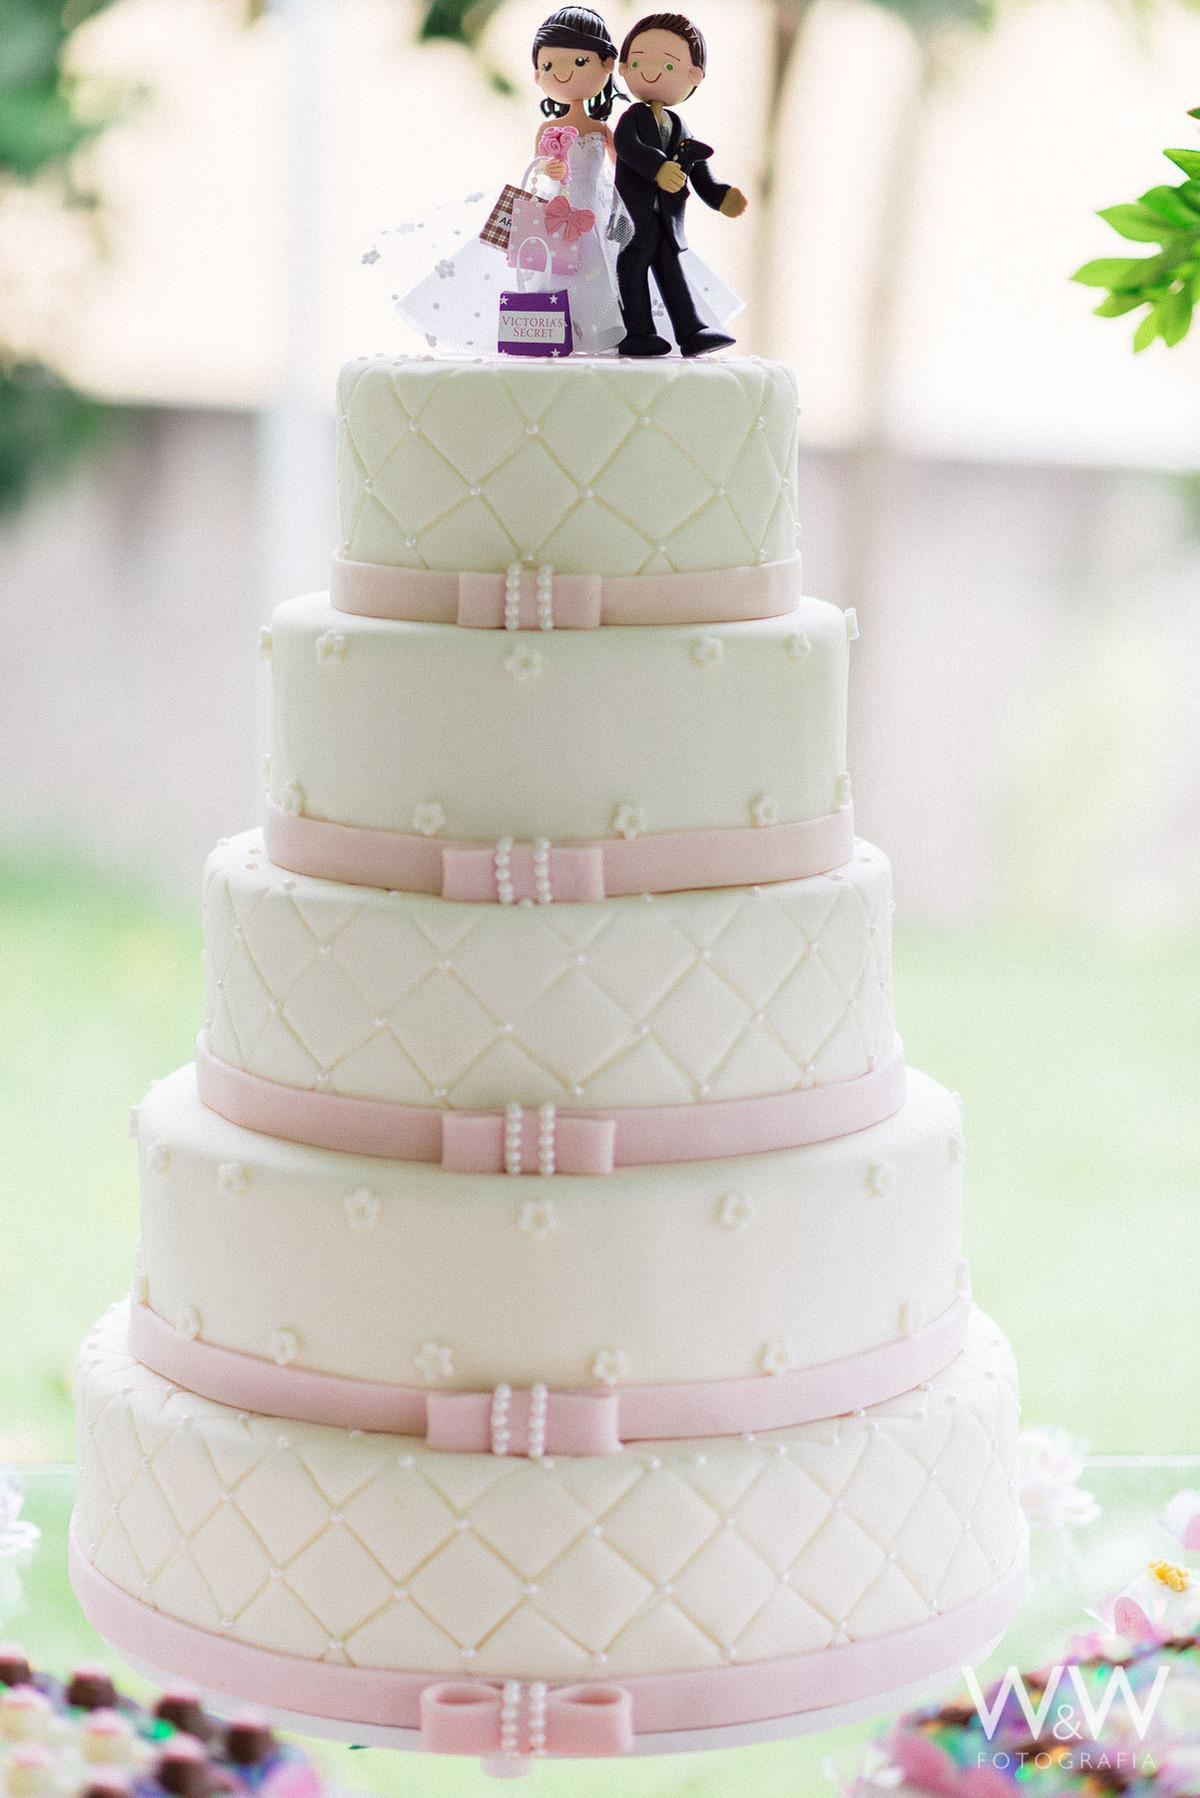 decoracao casamento ar livre boituva sp bolo